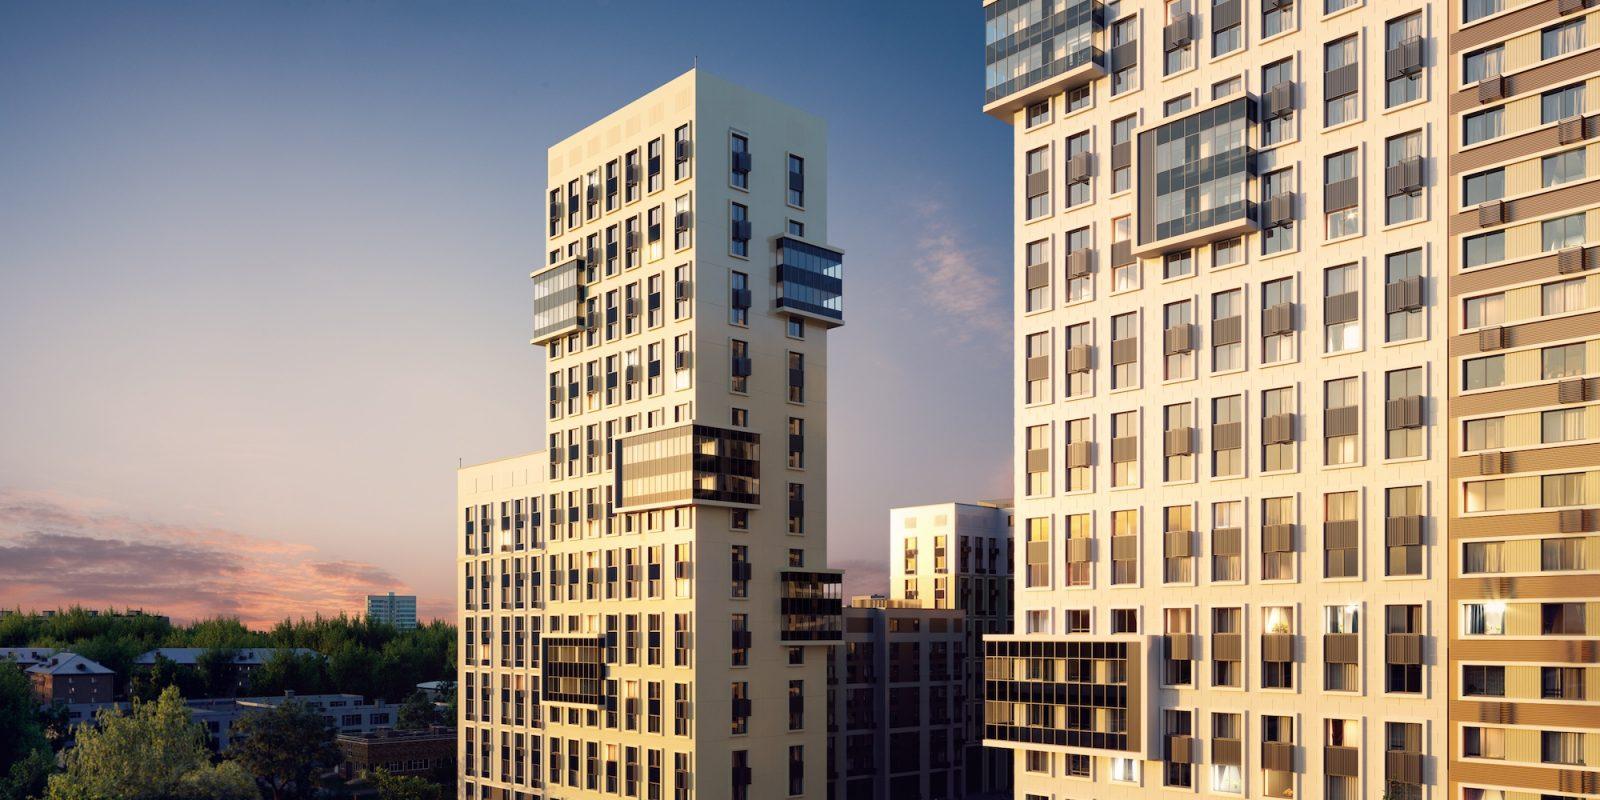 Апартаменты — что это такое и чем они отличаются от квартиры?